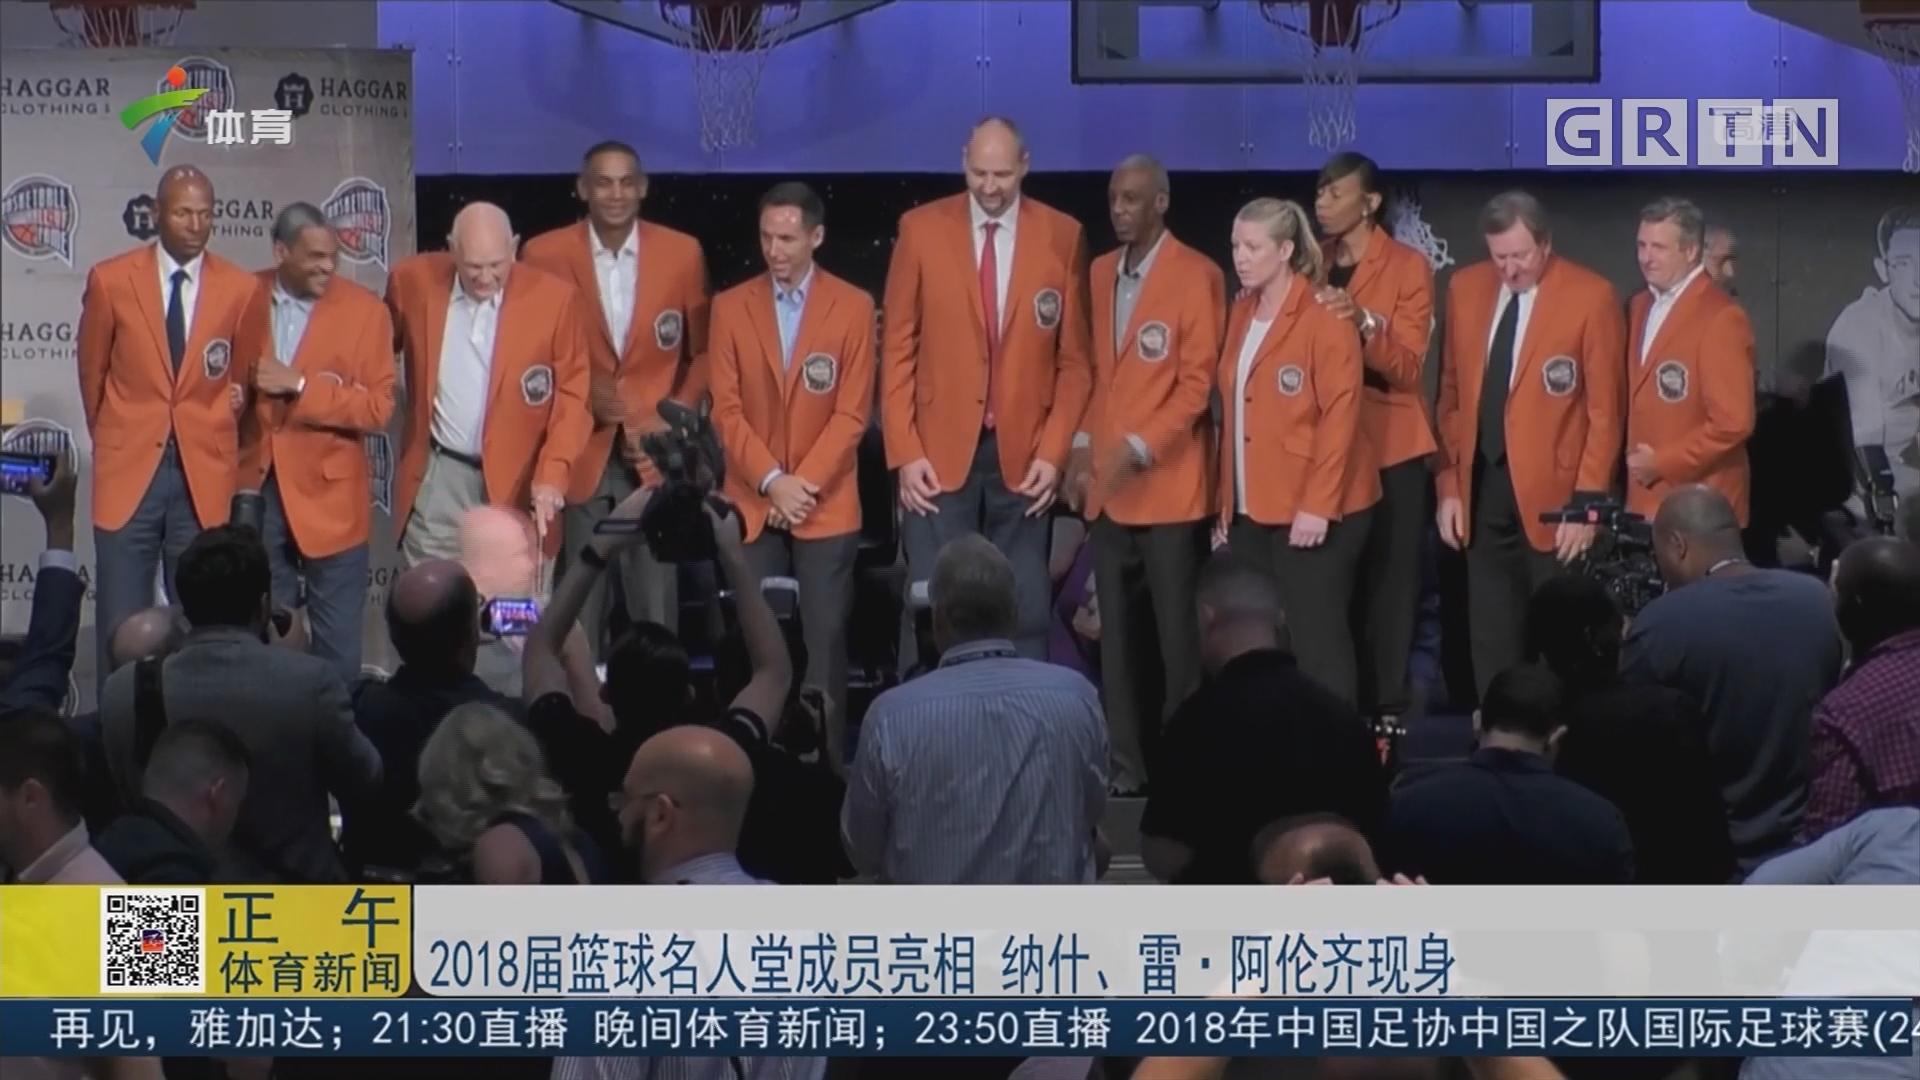 2018届篮球名人堂成员亮相 纳什、雷·阿伦齐现身